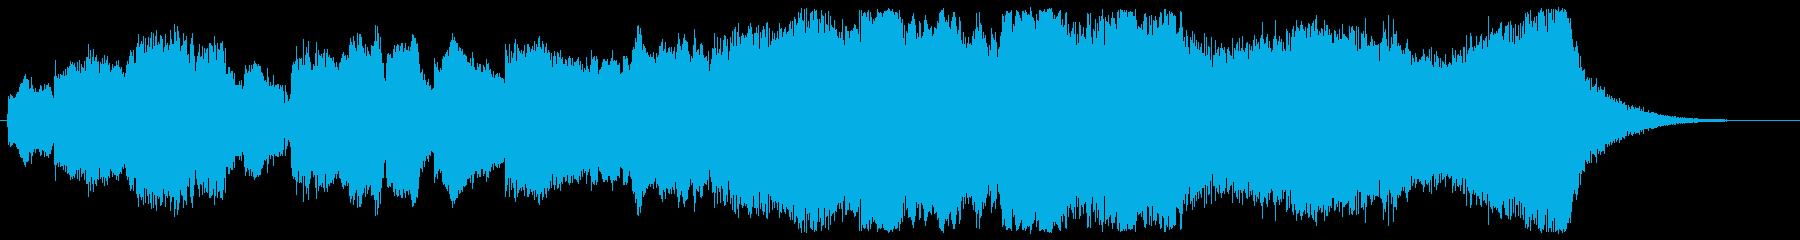 雄大なファンファーレ 大地のイメージの再生済みの波形